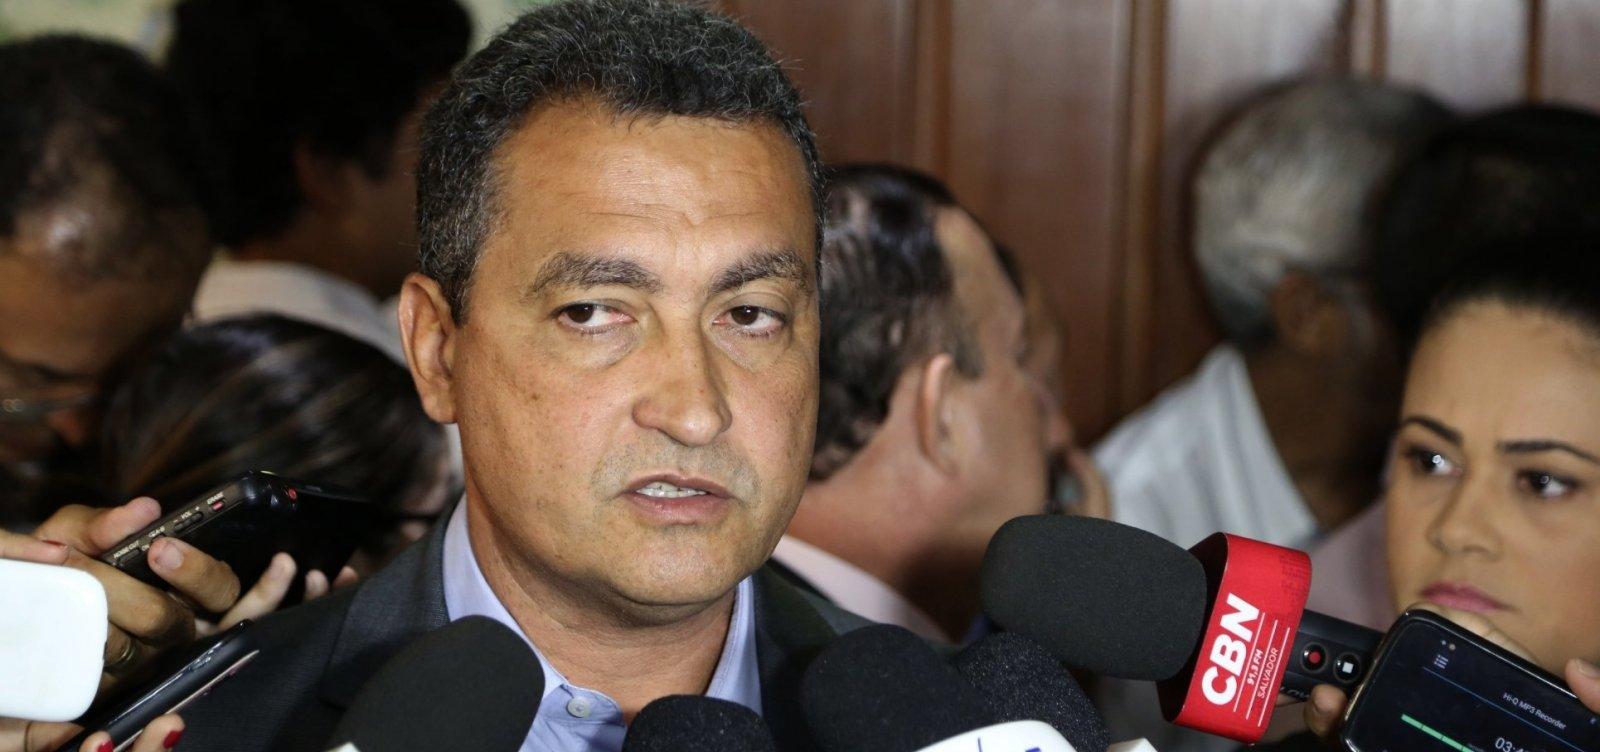 Rui Costa repudia declaração 'preconceituosa' de Bolsonaro à Bahia